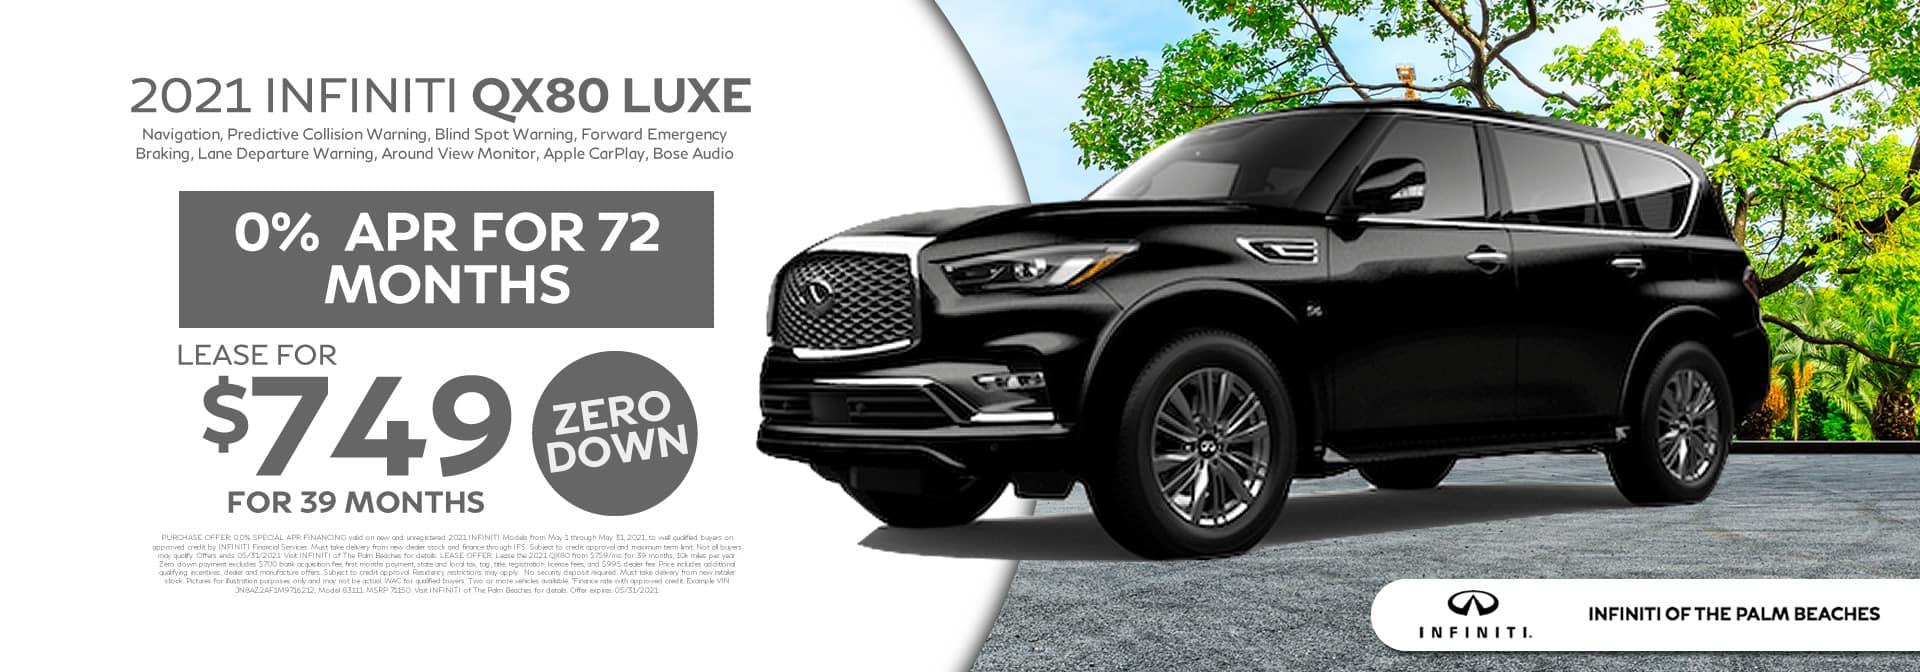 QX80-luxe